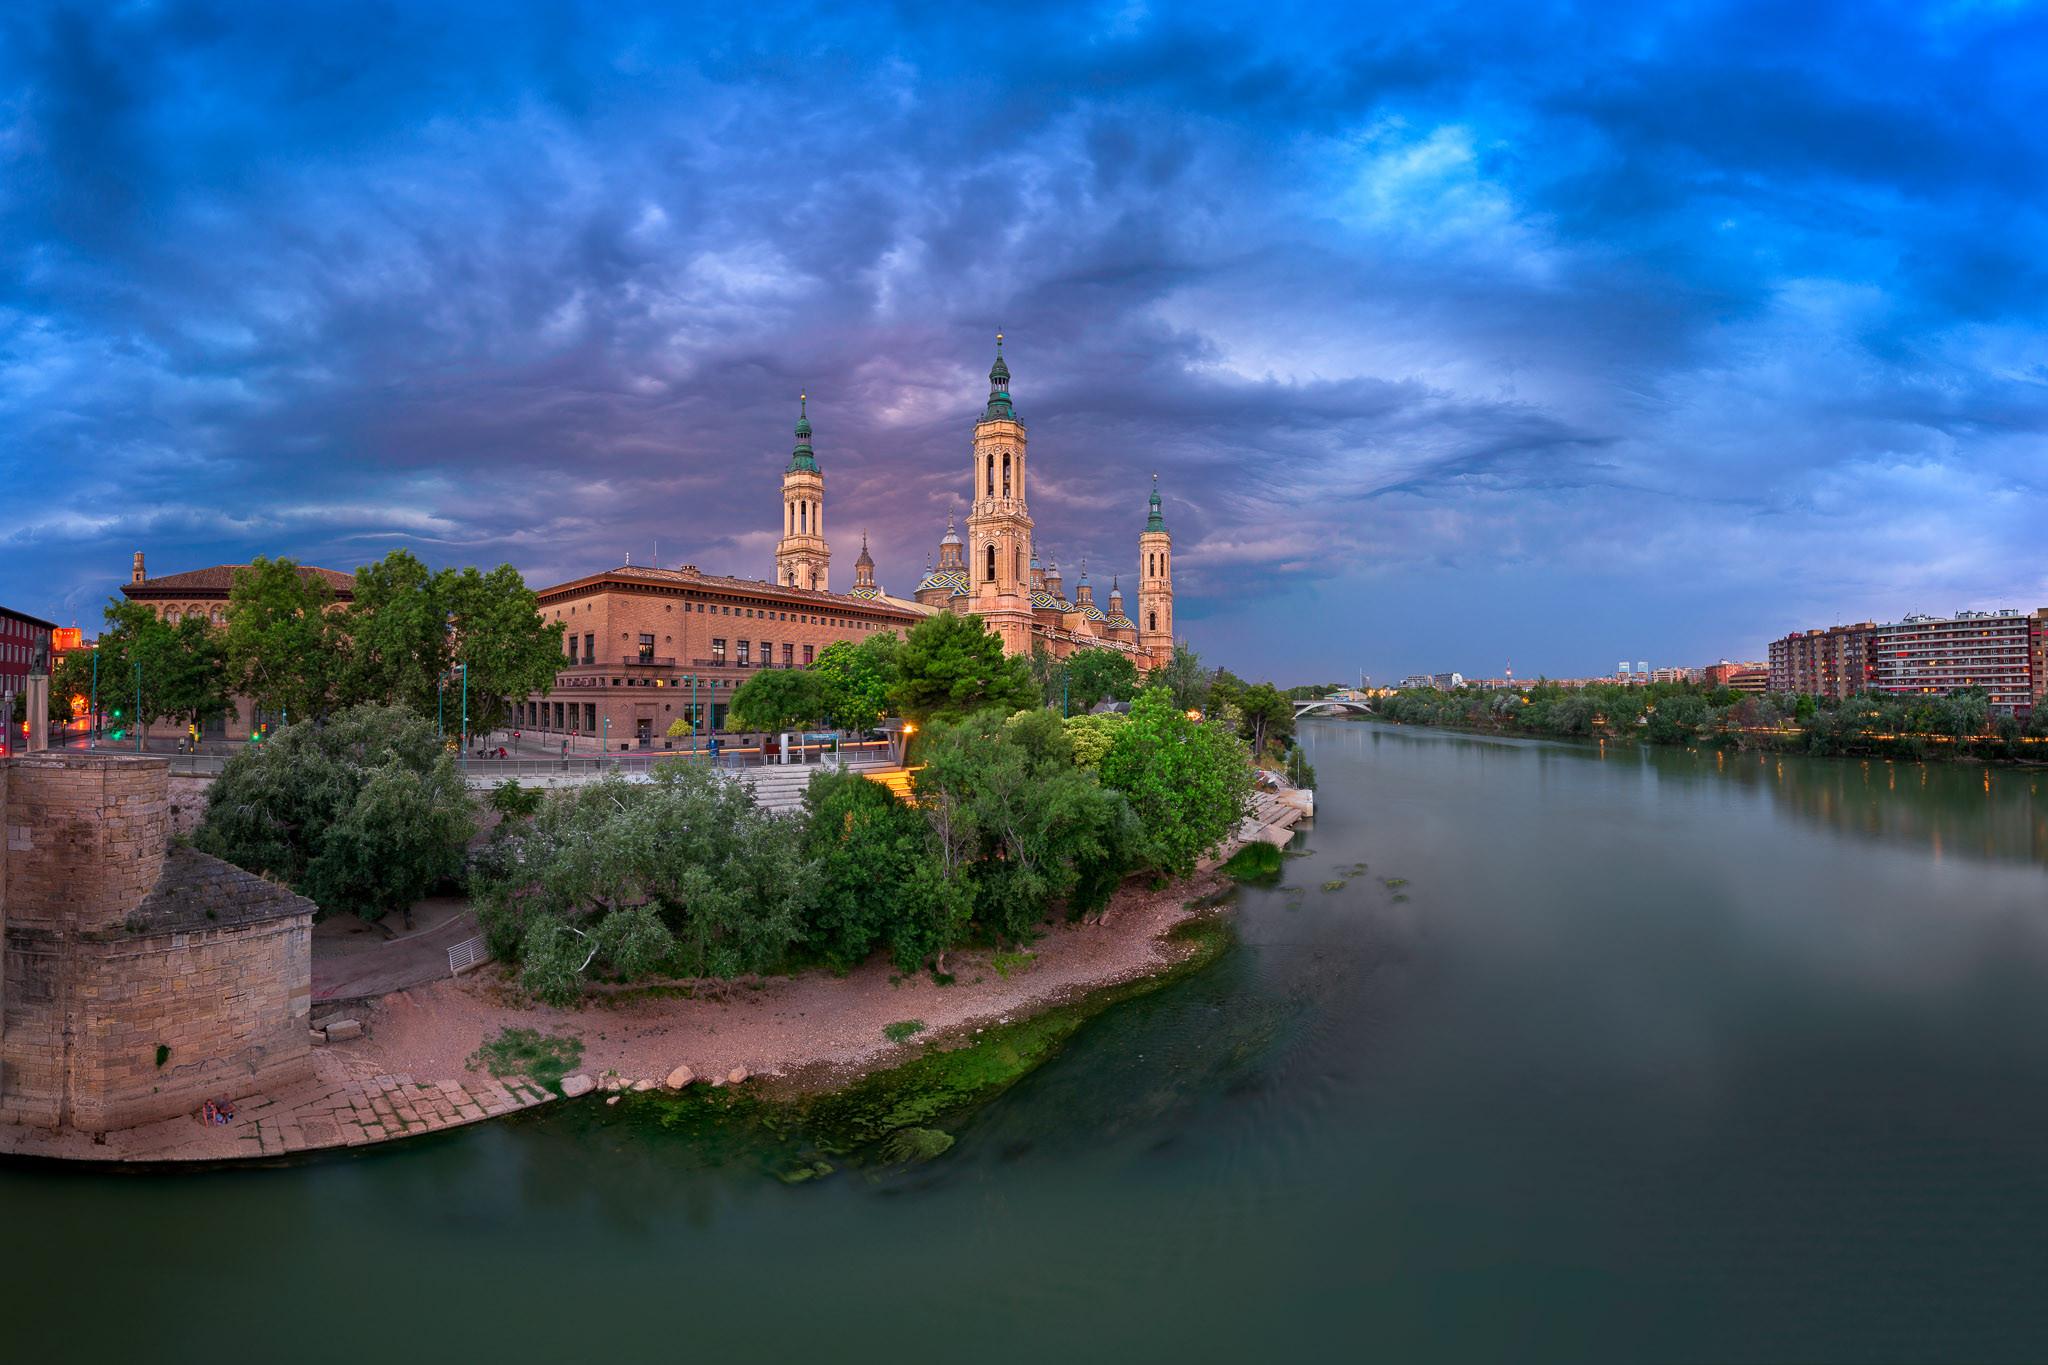 обои Базилика Богоматери Столпа и реки Эбро в вечернее время, Сарагоса, Арагон, Испания картинки фото